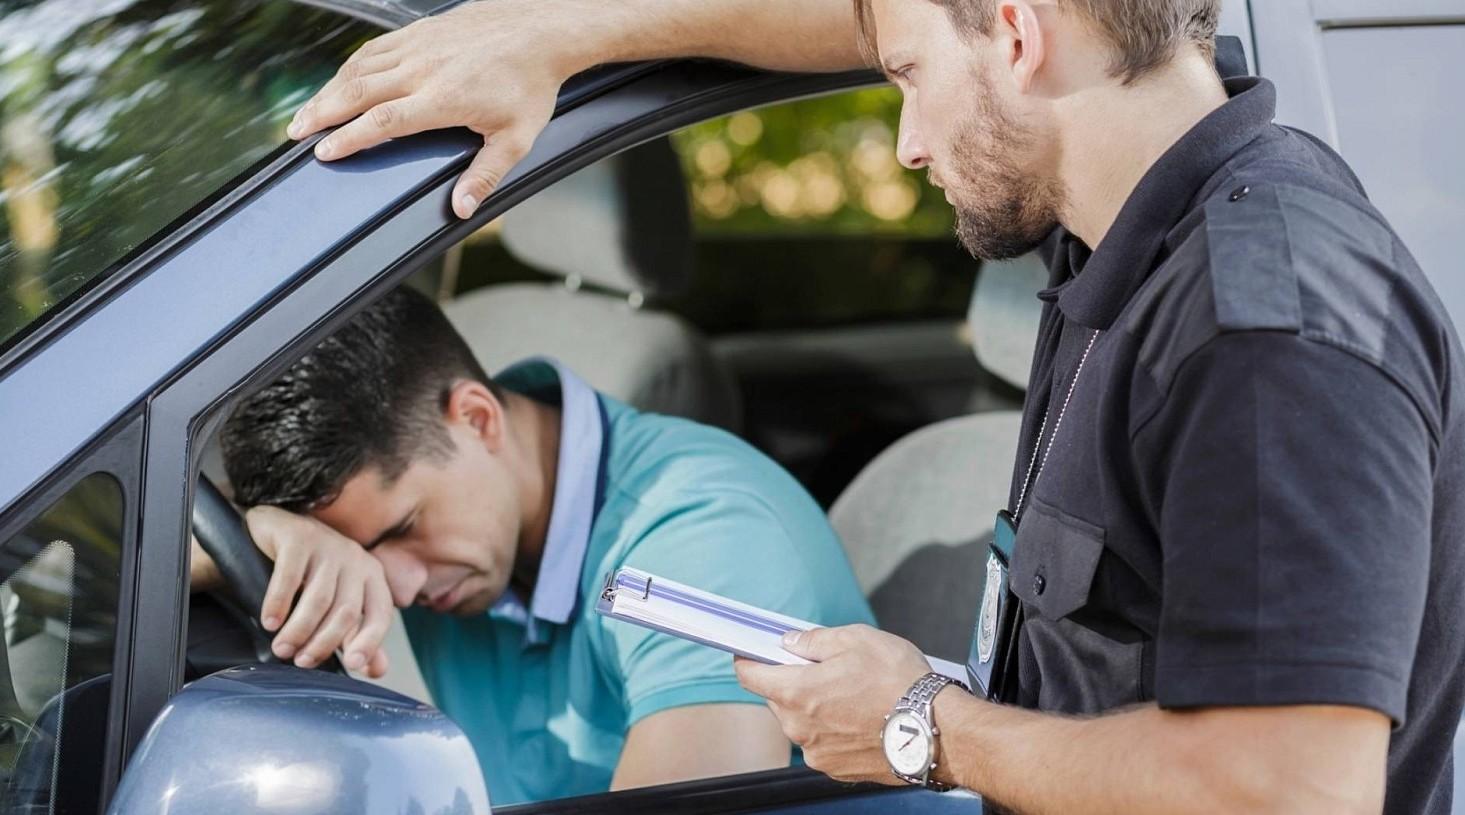 Multe auto aumentano i costi della notif